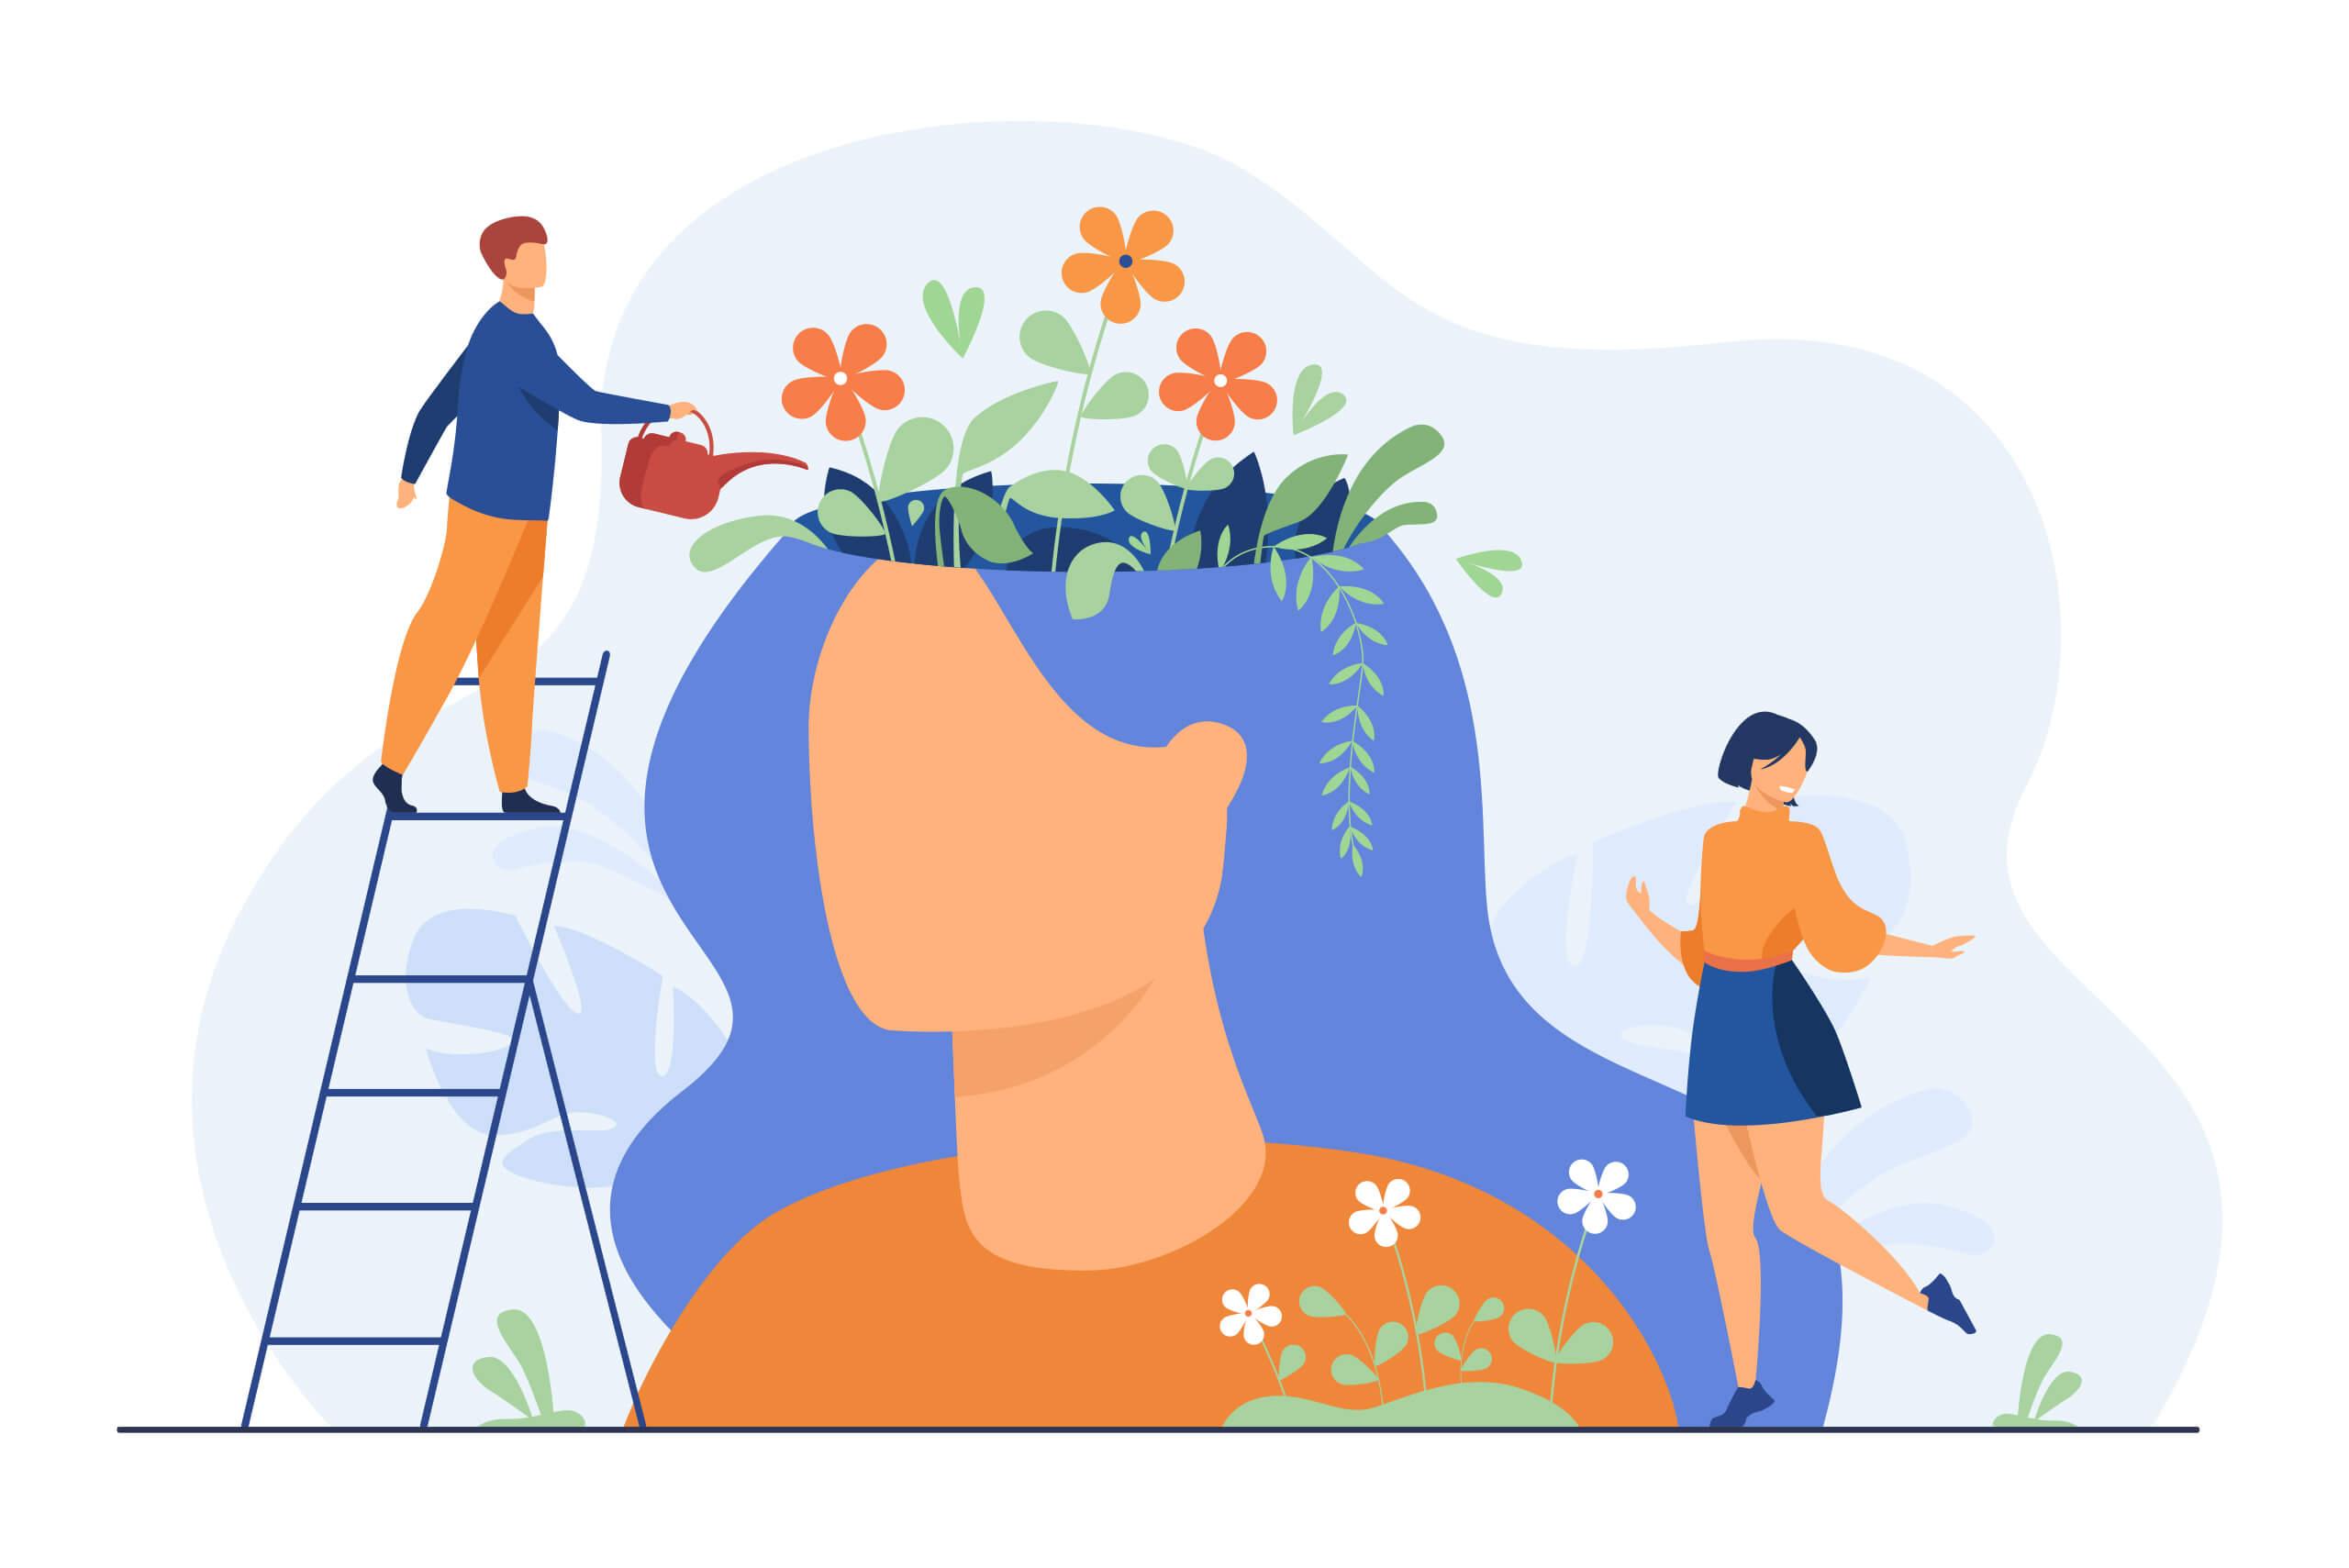 Como minimizar o viés inconsciente no ambiente de trabalho